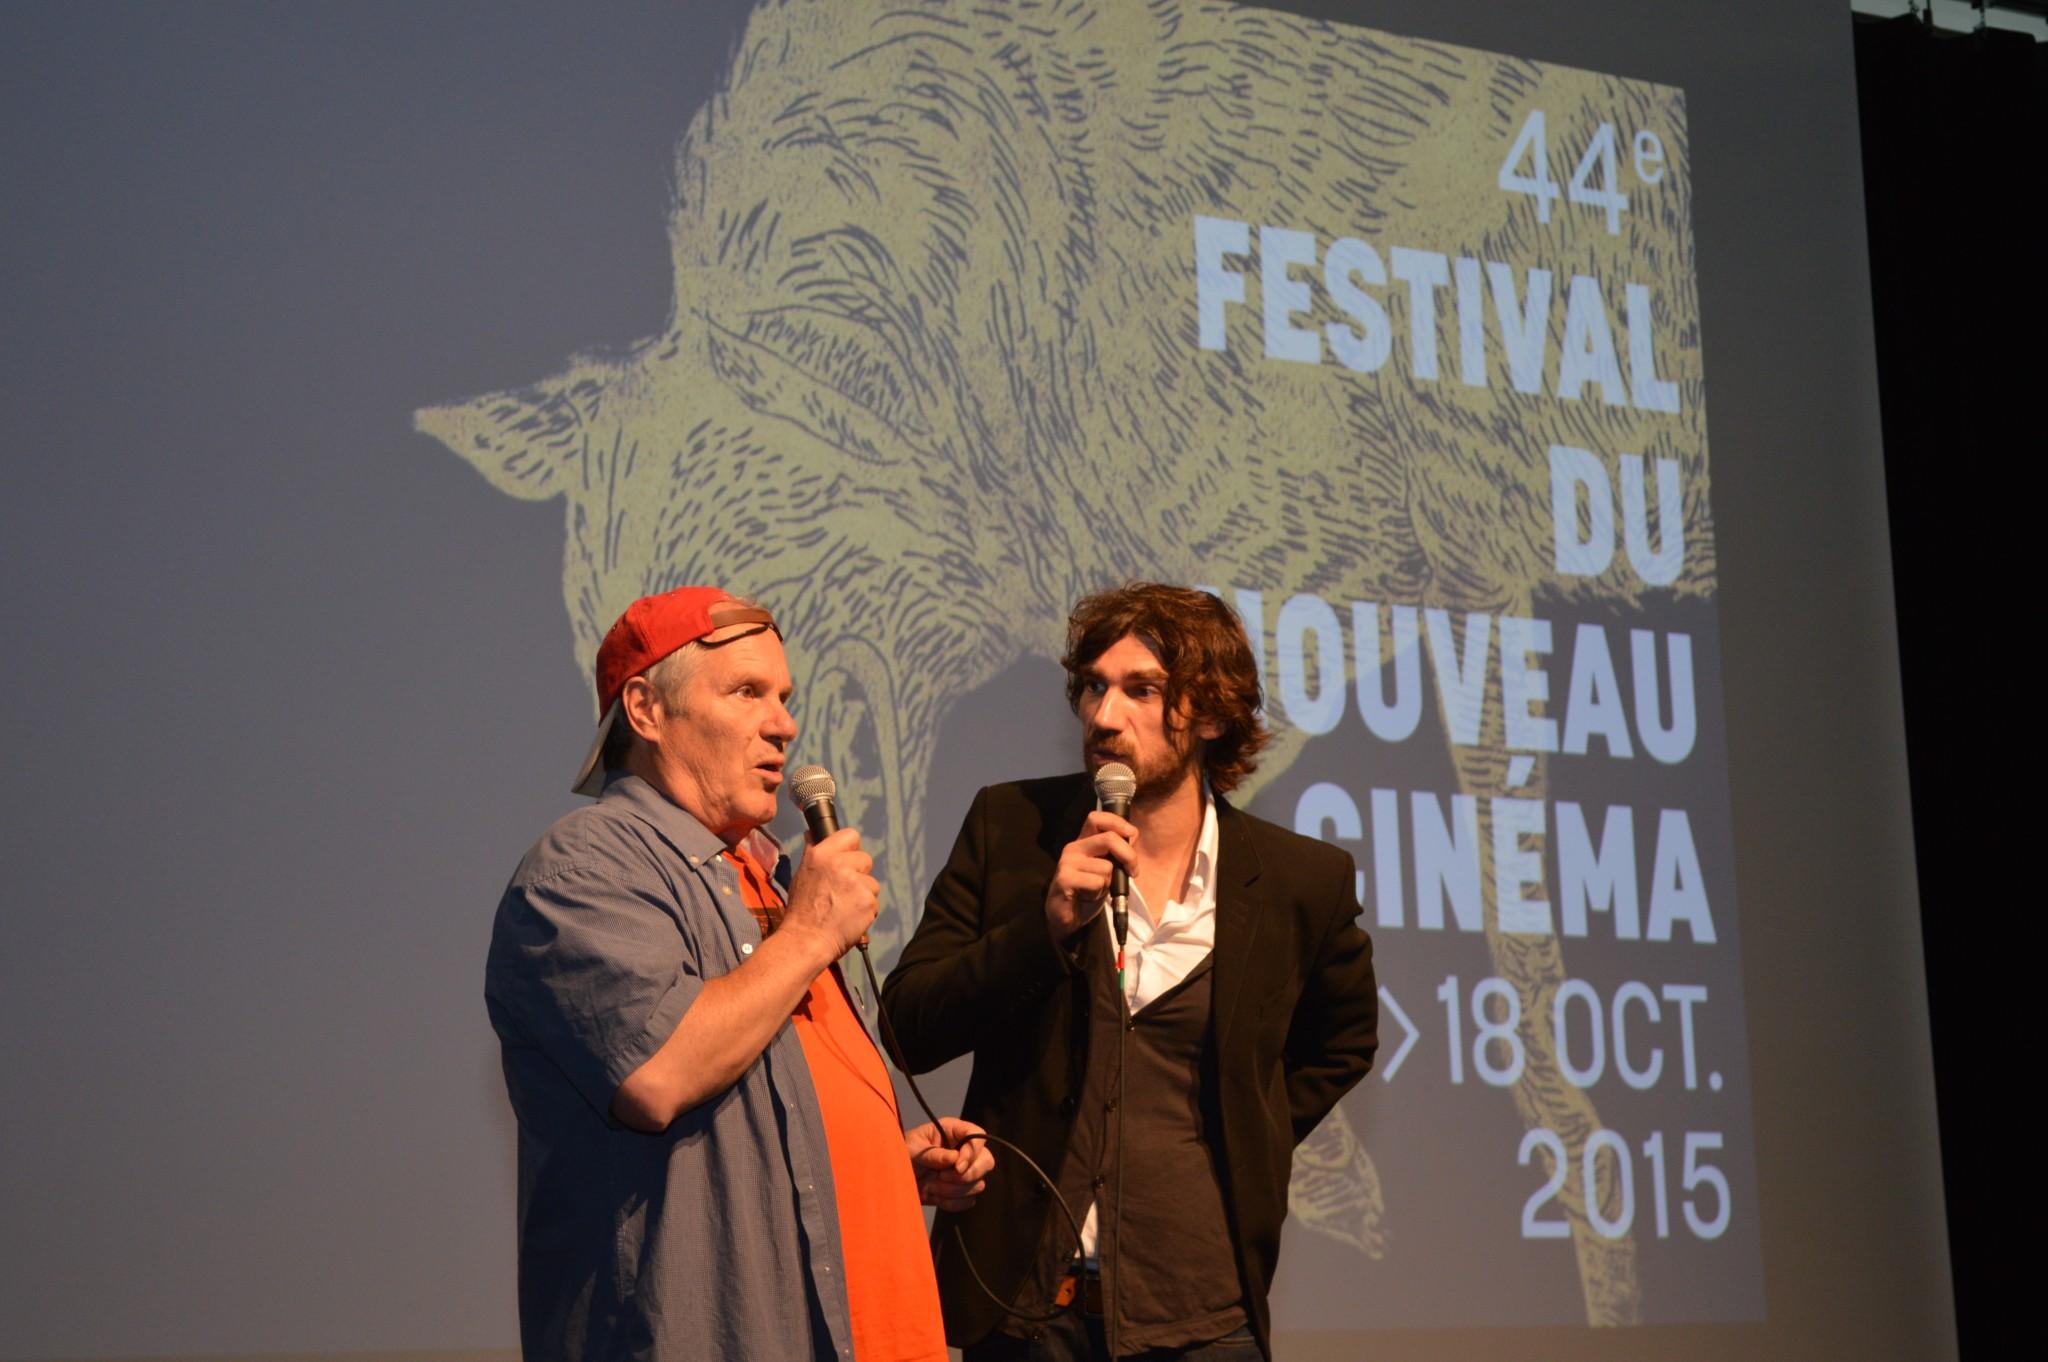 Le 44e Festival du nouveau cinéma, radieux et percutant!